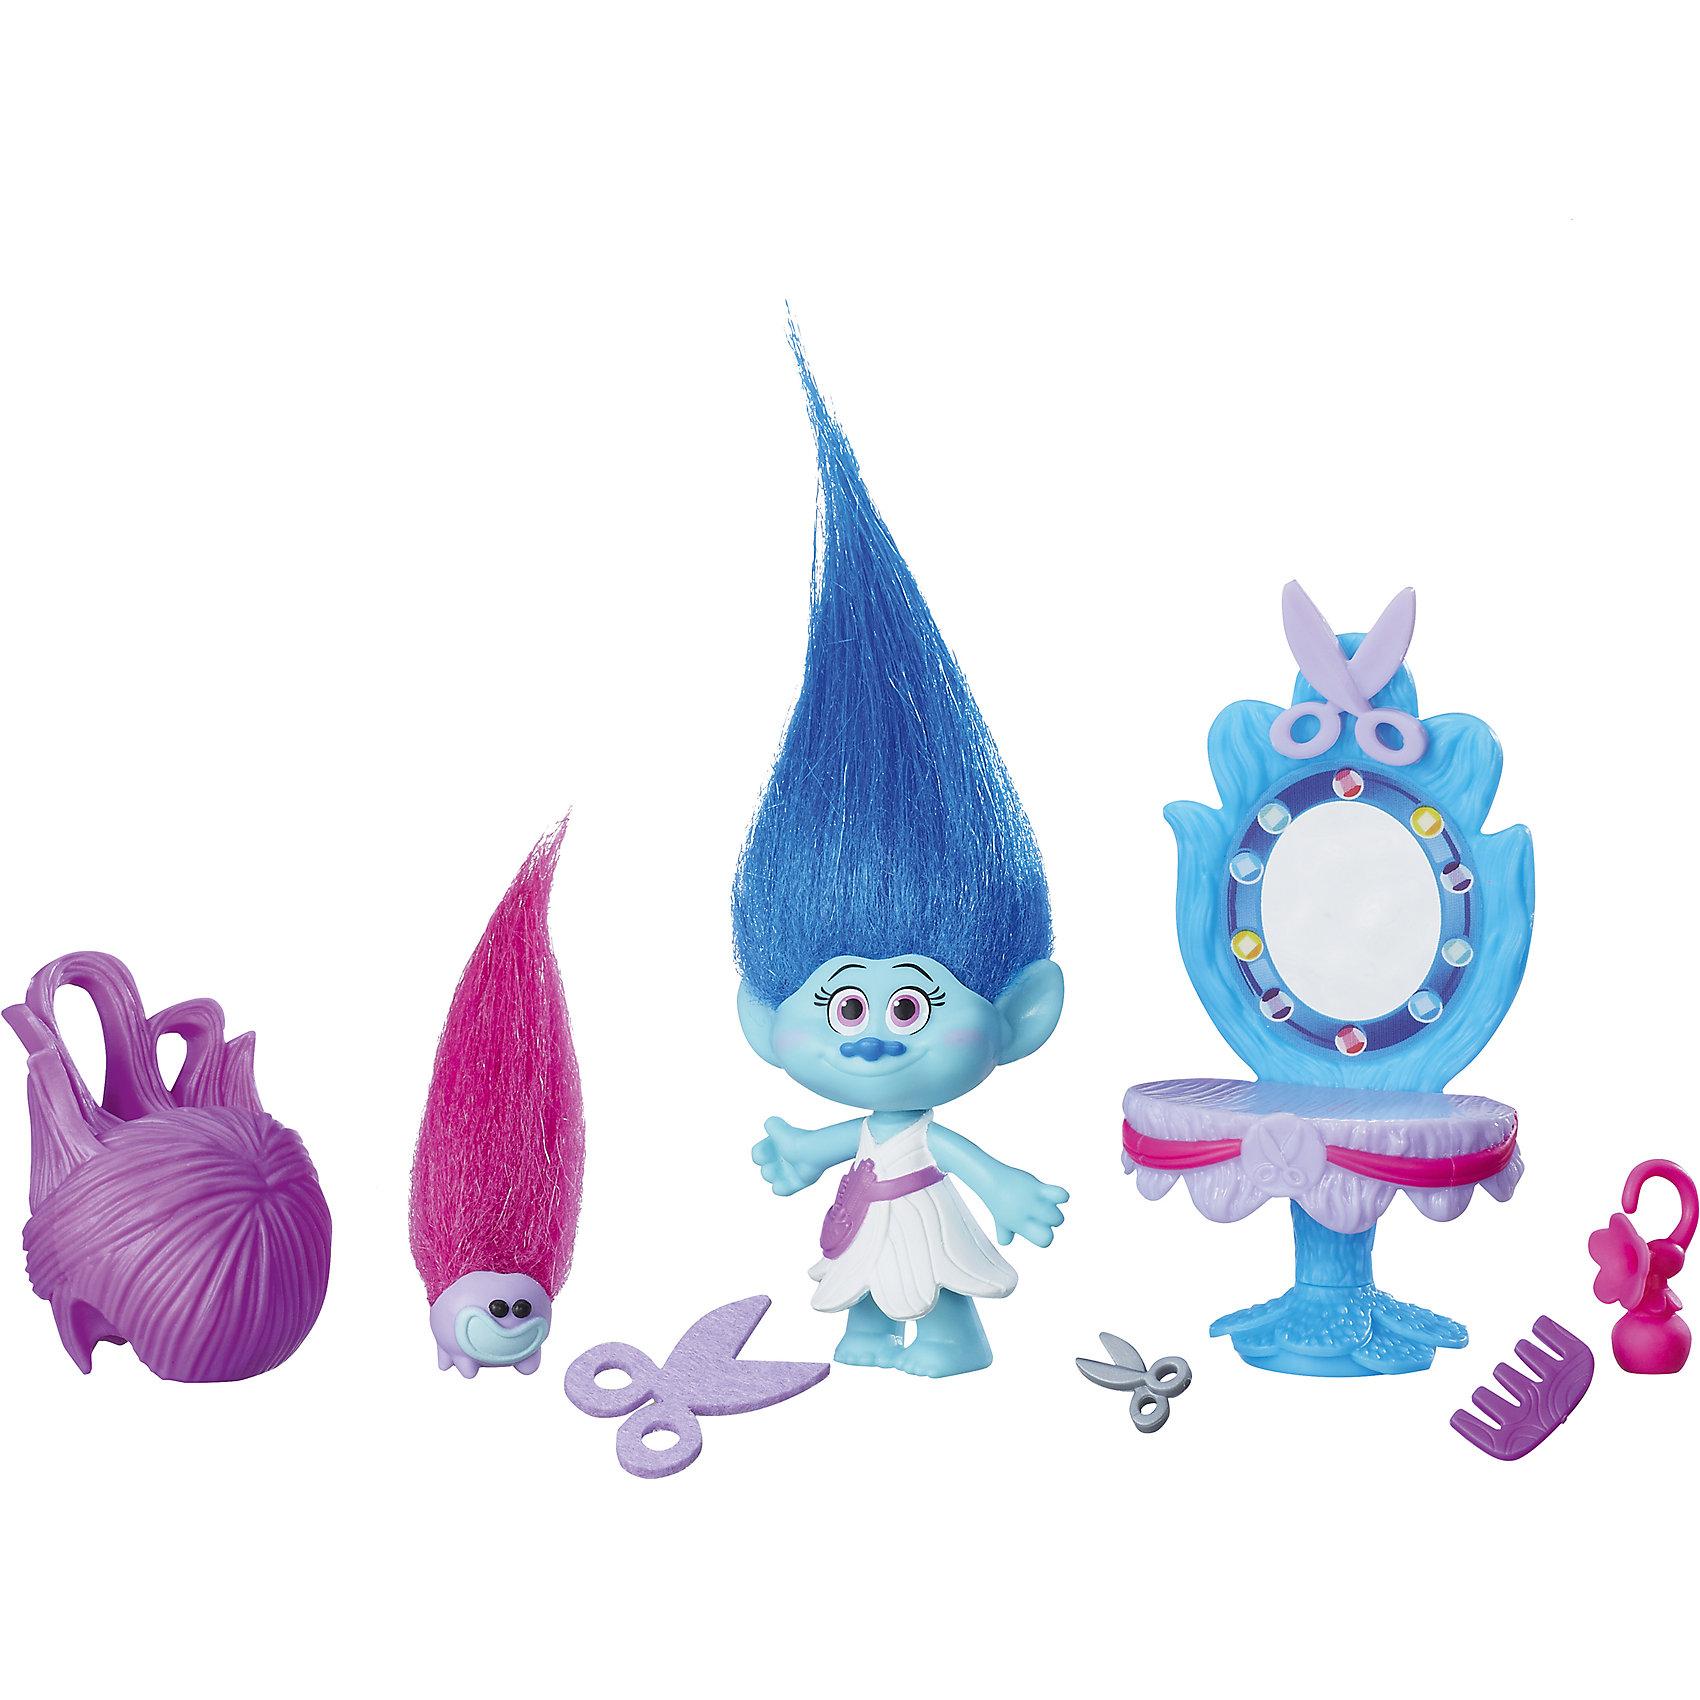 Игровой набор Парикмахерская Мэдди, ТроллиЛюбимые герои<br>Характеристики игрового набора Парикмахерская Мэдди:<br><br>- возраст: от 4 лет<br>- пол: для девочек<br>- комплект: салон красоты, фигурка, 12 аксессуаров (парики, фен, заколки, гребешок и др.); <br>- материал: пластик.<br>- размер упаковки: 30,5*7,5*25,5 см.<br>- упаковка: блистер на картоне.<br>- высота фигурки: 10 см.<br>- страна обладатель бренда: США.<br><br>Симпатичные тролли – новые герои компании DreamWorks (Дримвокс) . Совместно с торговой комапанией Hasbro (Хасб) были разработаны игрушки по мультфильму, который вышел на российские экраны 27 октября.<br>Главная героиня этого набора - тролль Розочка. Забавная и жизнерадостная девчонка живет в мире фантазий и иллюзий, радуется любым жизненным передрягам и никогда не пасует перед трудностями.<br>Игровой набор Салон красоты Троллей поможет придумать уйму новых игр. Многочисленные комнатки переносят действие в разные пространства. Вместе с аксессуарами можно придумать столько интересных историй, что от набора будет невозможно оторваться.<br>Выполняйте искусные прически на голове Розочки. Пусть ваша игрушка выглядит просто неотразимо.<br><br>Игровой набор Парикмахерская Мэдди можно купить в нашем интернет-магазине<br><br>Ширина мм: 230<br>Глубина мм: 177<br>Высота мм: 66<br>Вес г: 132<br>Возраст от месяцев: 48<br>Возраст до месяцев: 96<br>Пол: Унисекс<br>Возраст: Детский<br>SKU: 5087573